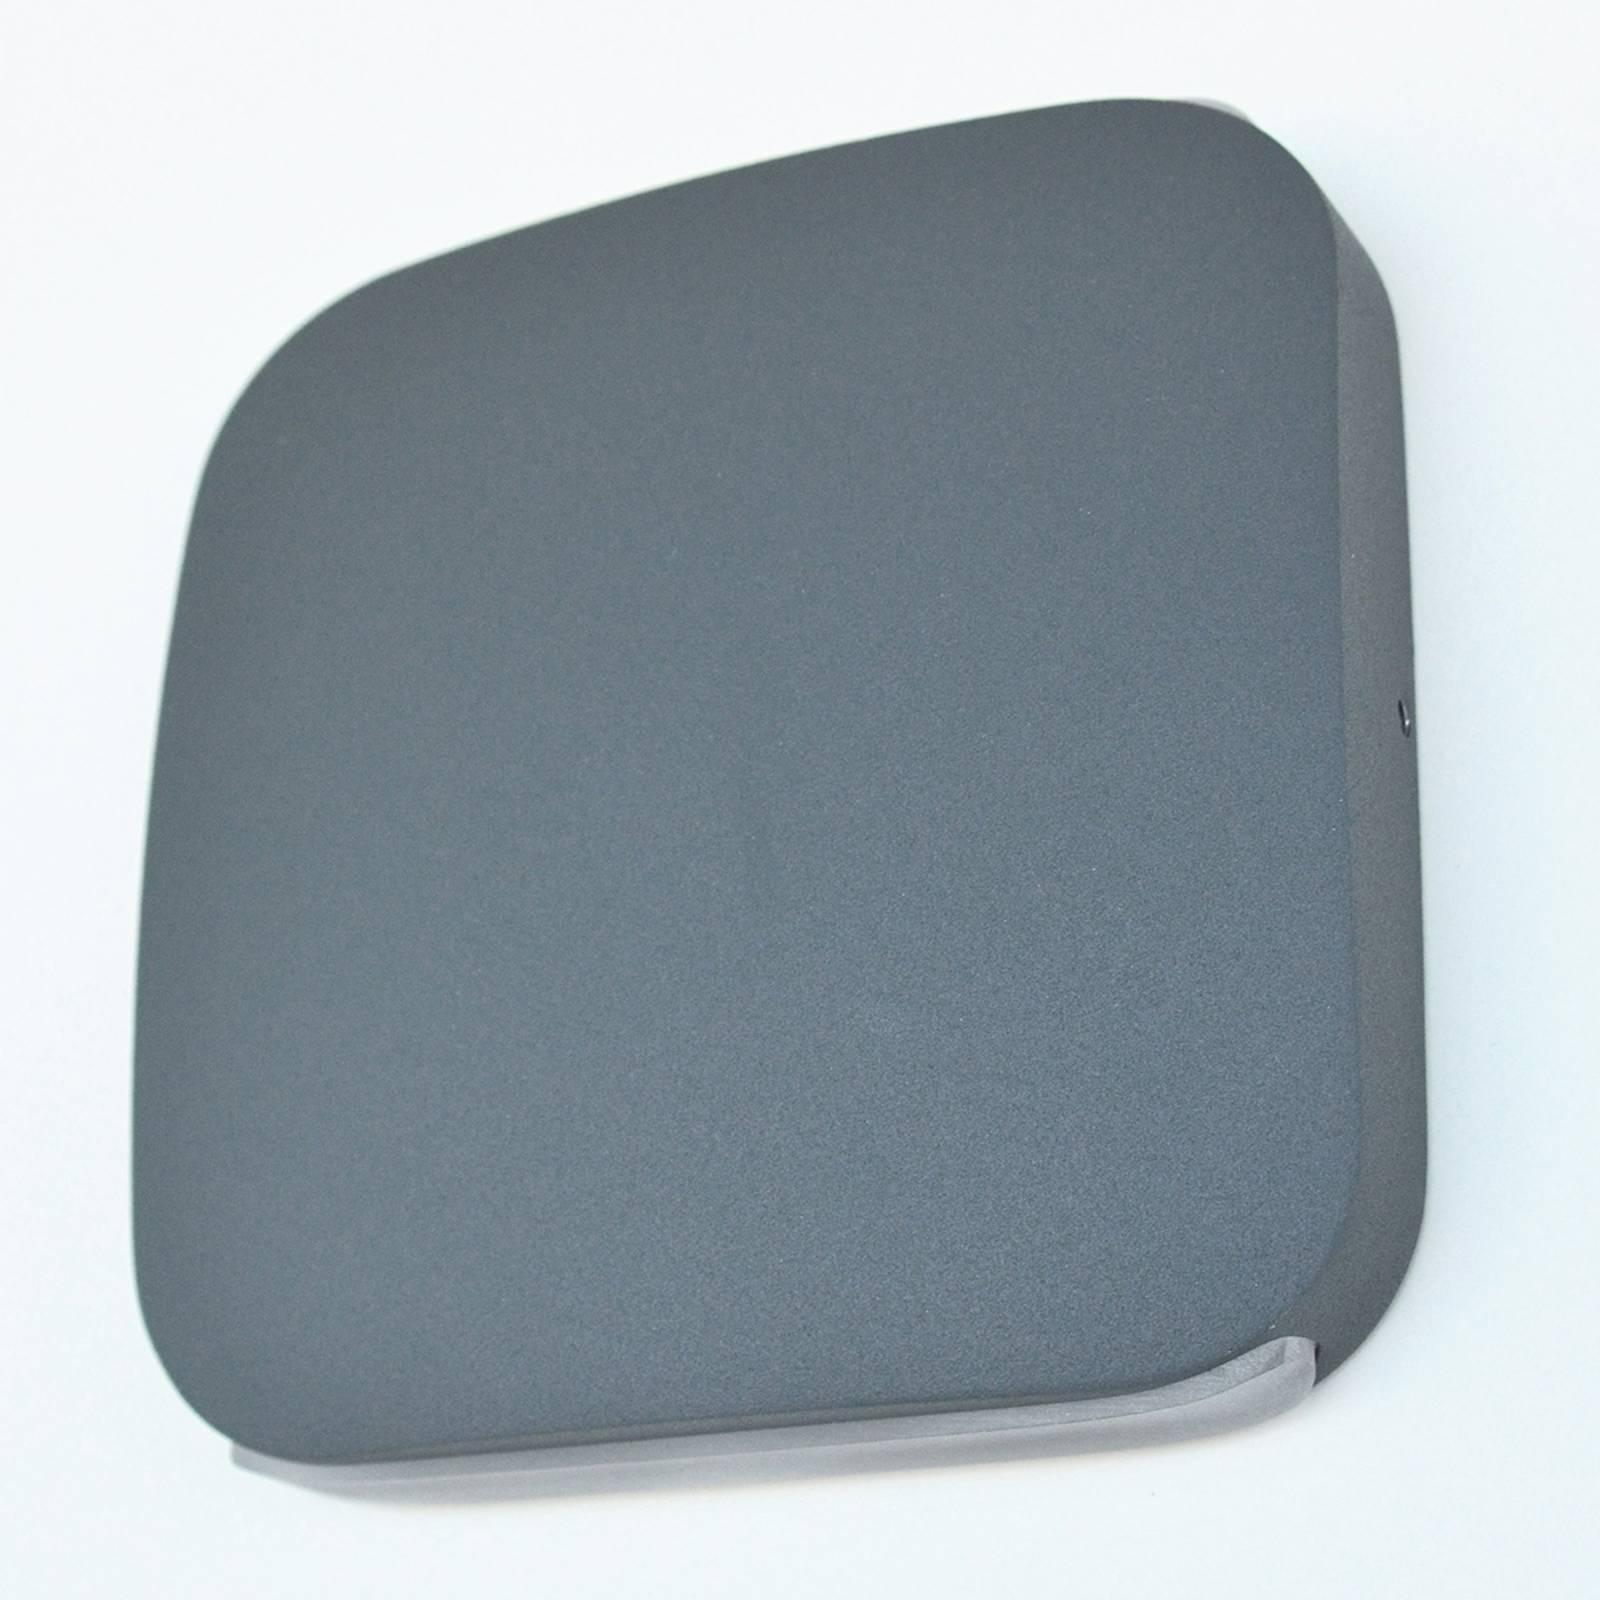 Applique LED da esterni Astuccio, grigio scuro